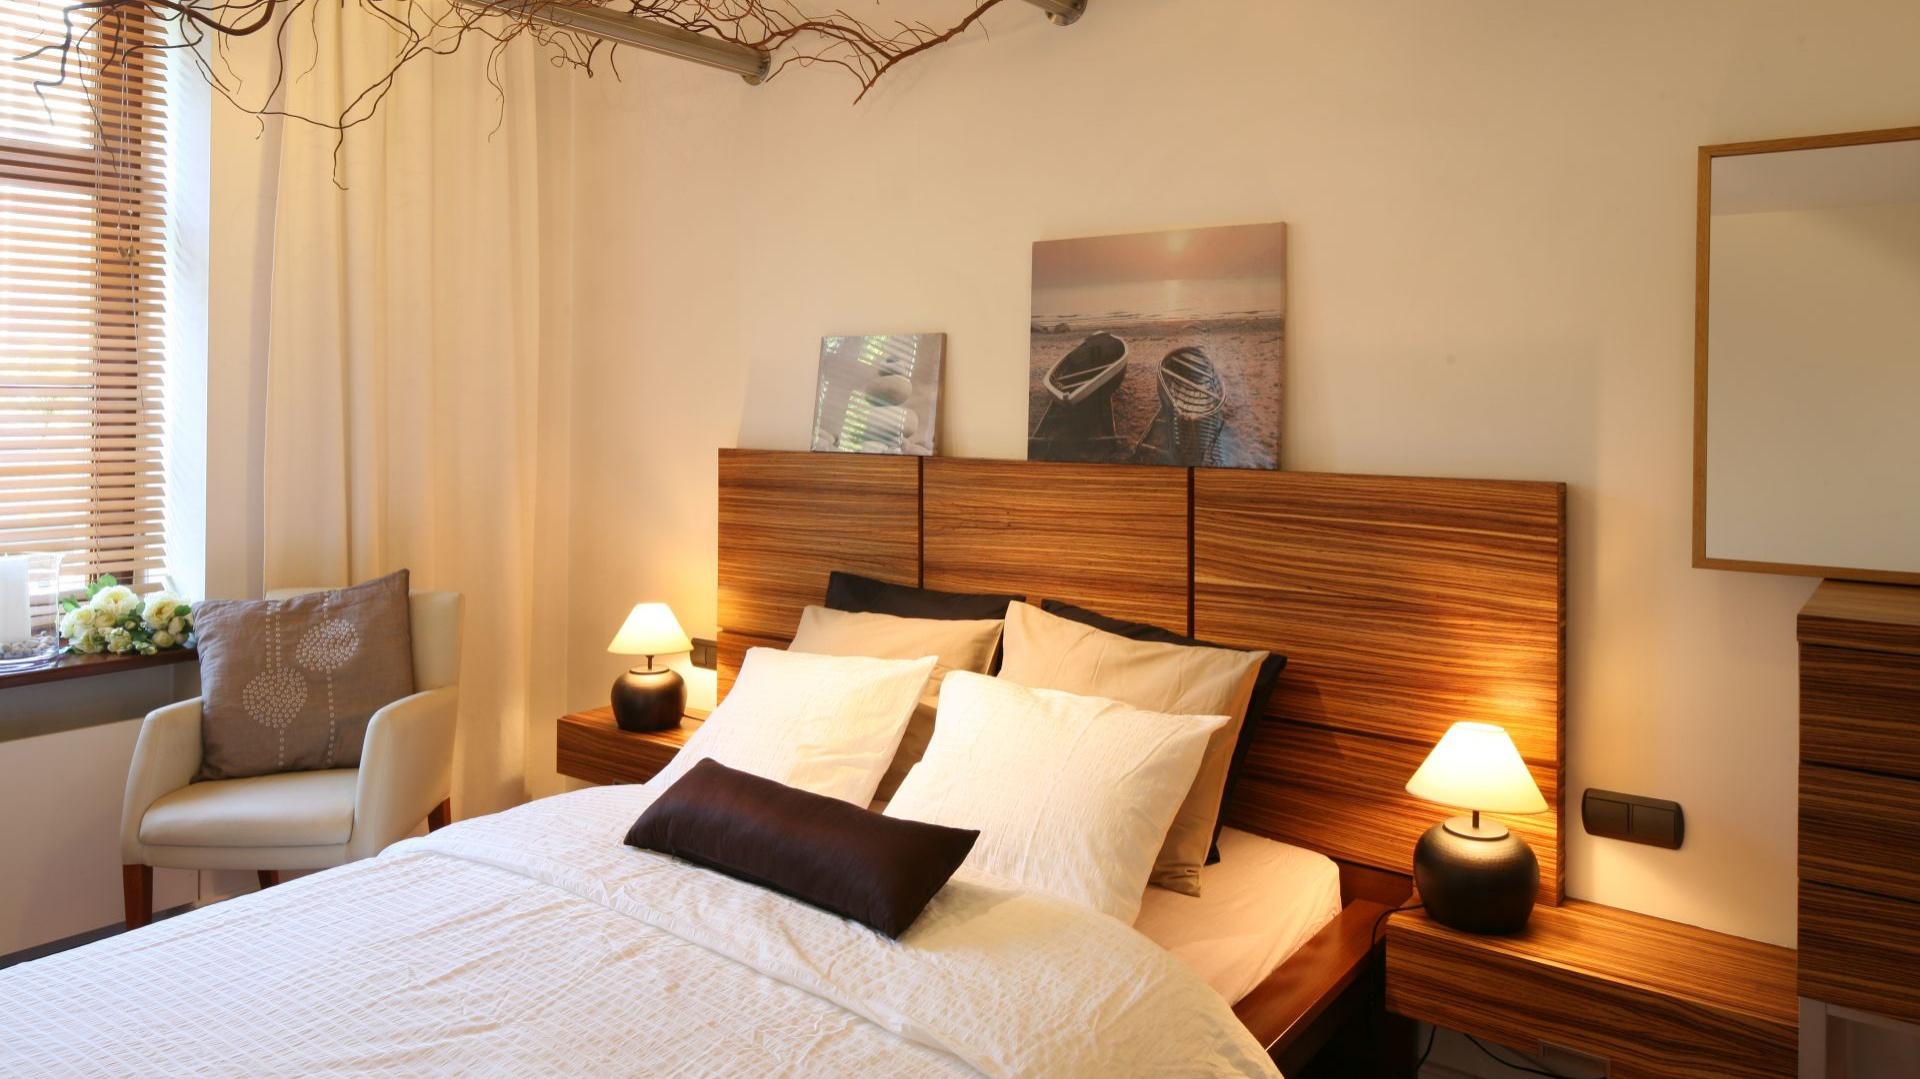 Ciepły klimat tej uroczej sypialni to niewątpliwie zasługa drewna. Występuje ono w postaci mebli, ale też dekoracji. Projekt: Urszula i Jakub Górscy. Fot. Bartosz Jarosz.